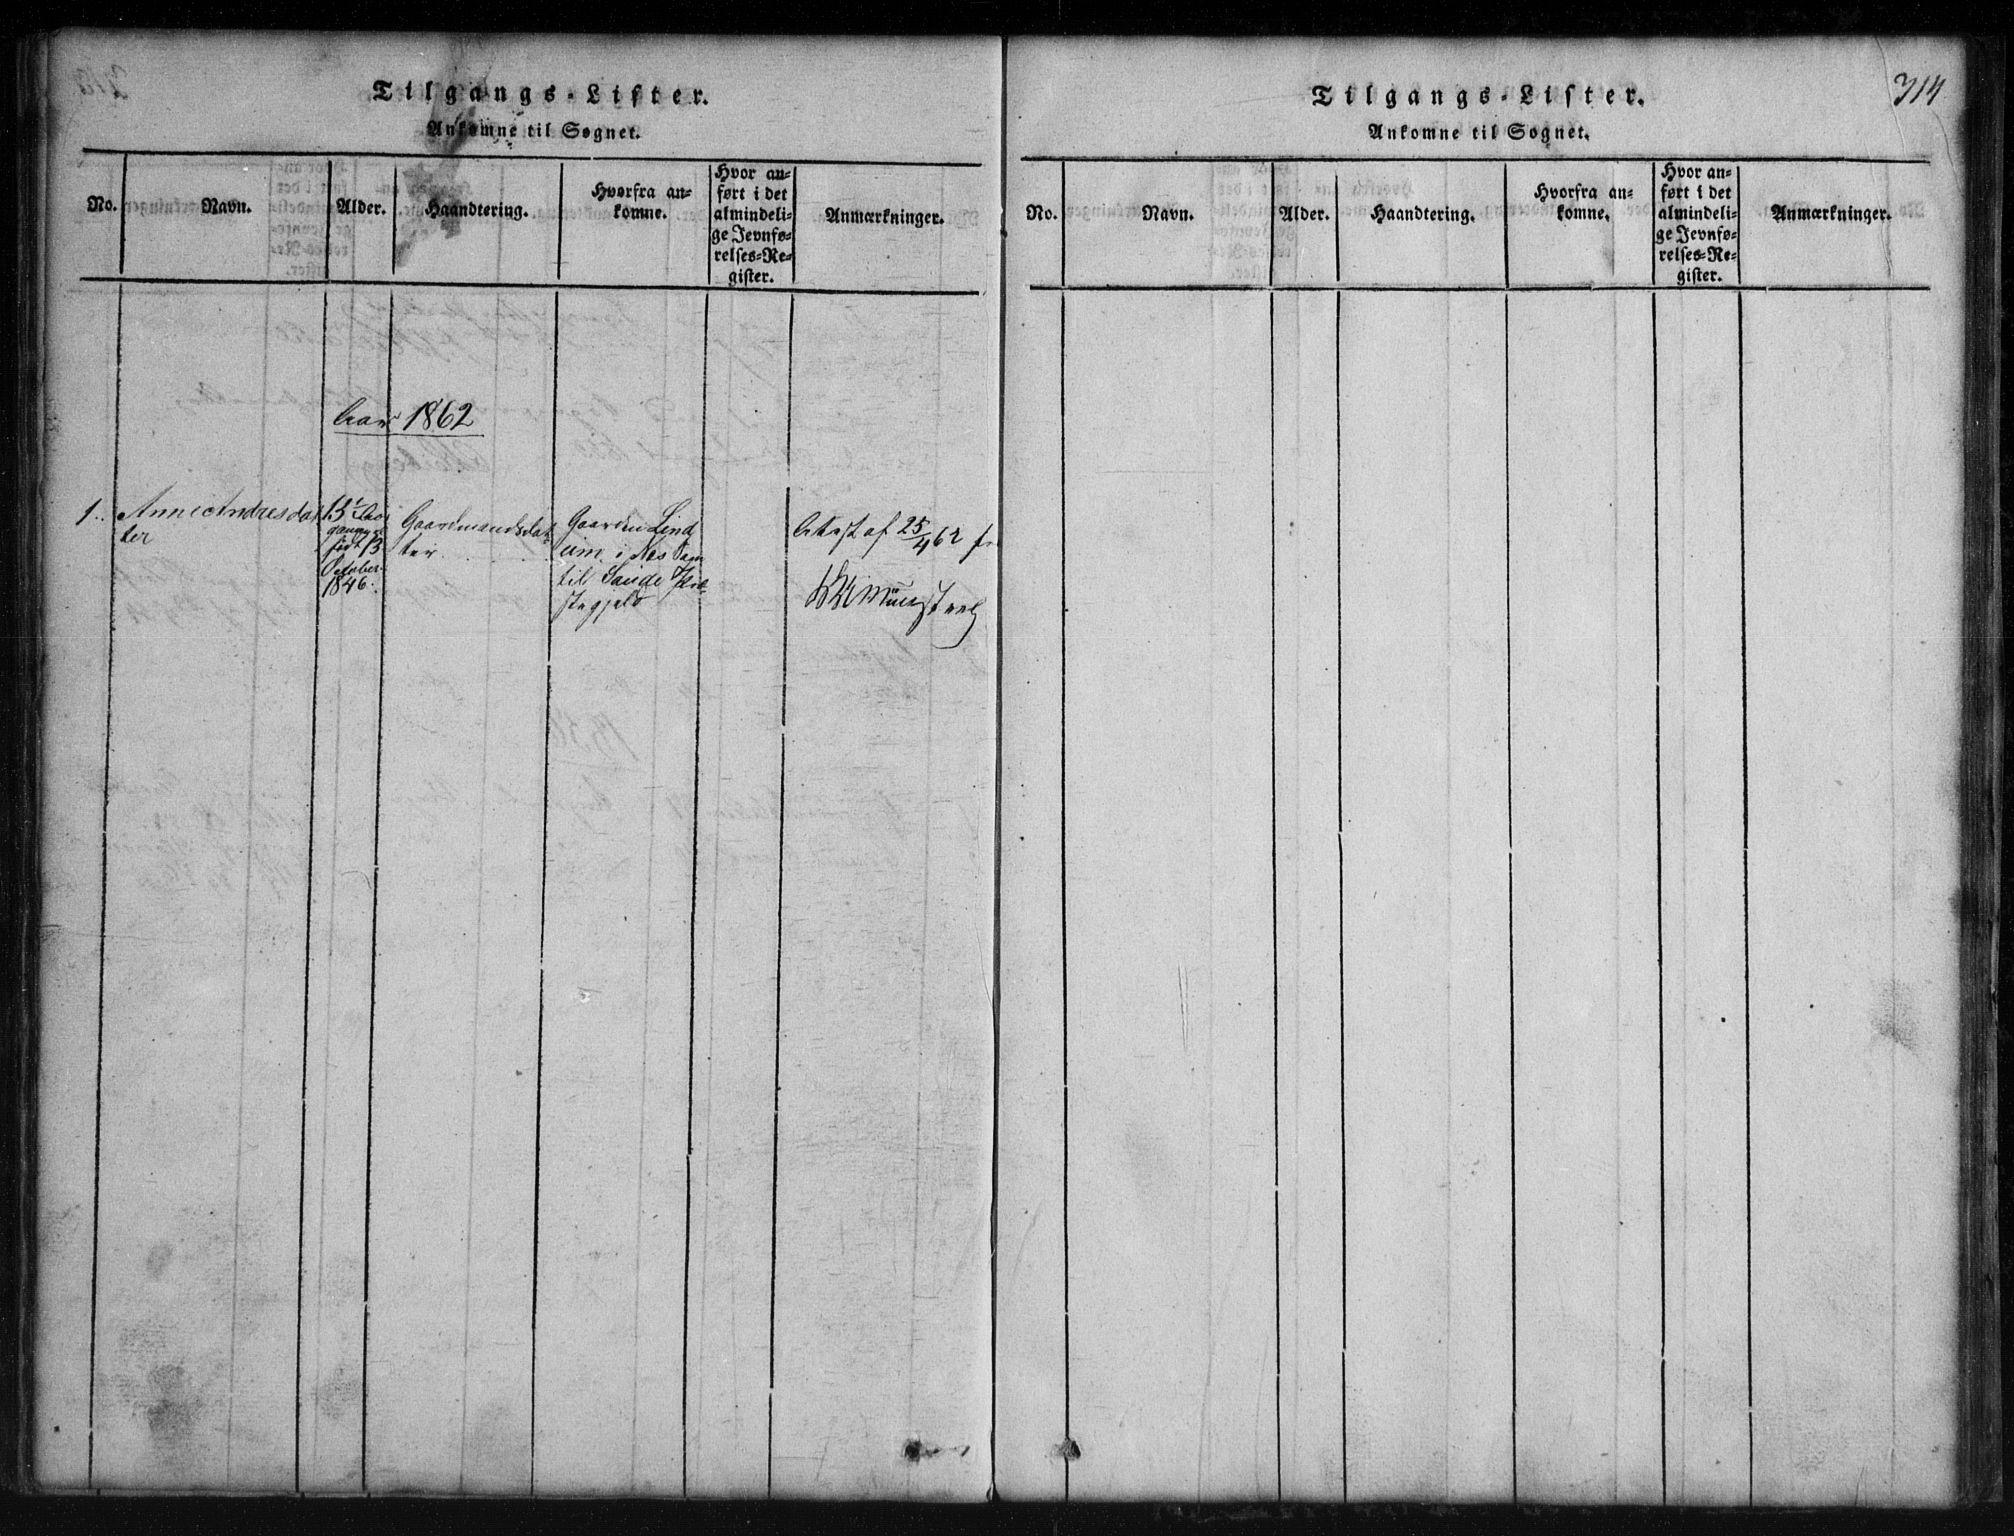 SAKO, Rauland kirkebøker, G/Gb/L0001: Klokkerbok nr. II 1, 1815-1886, s. 314